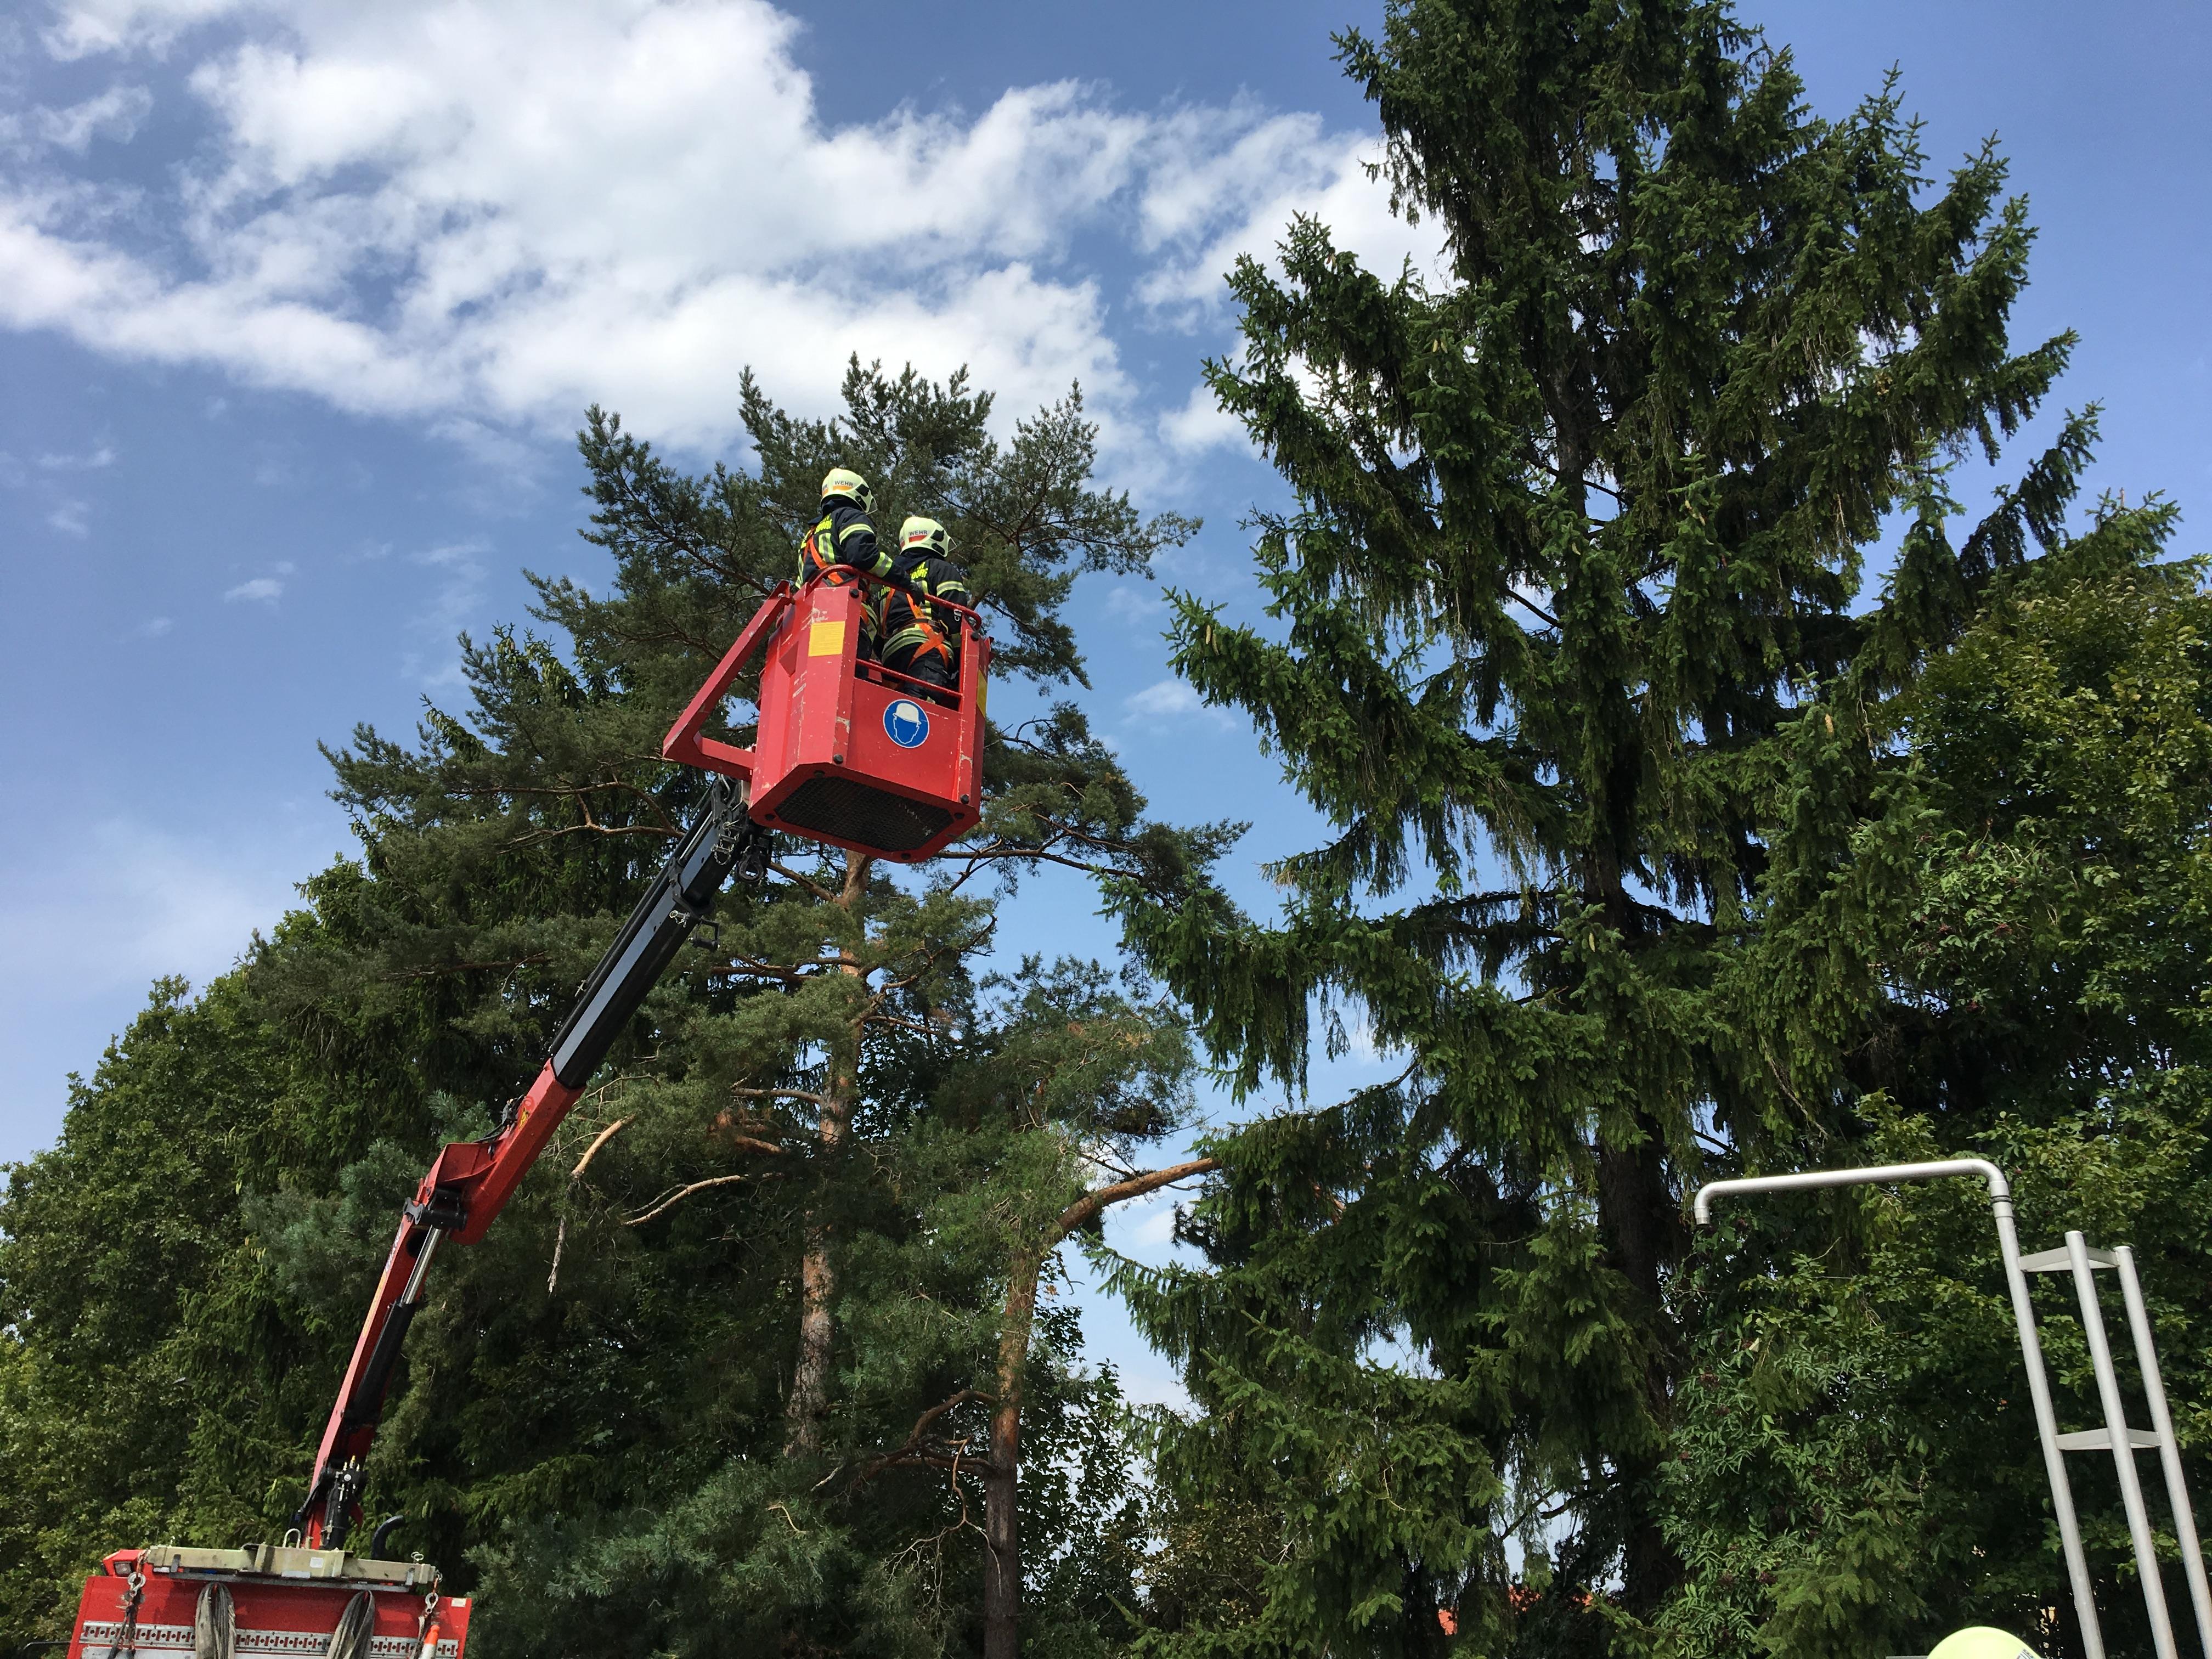 Einsatzfoto Sturmschaden-Baum droht umzustürzen